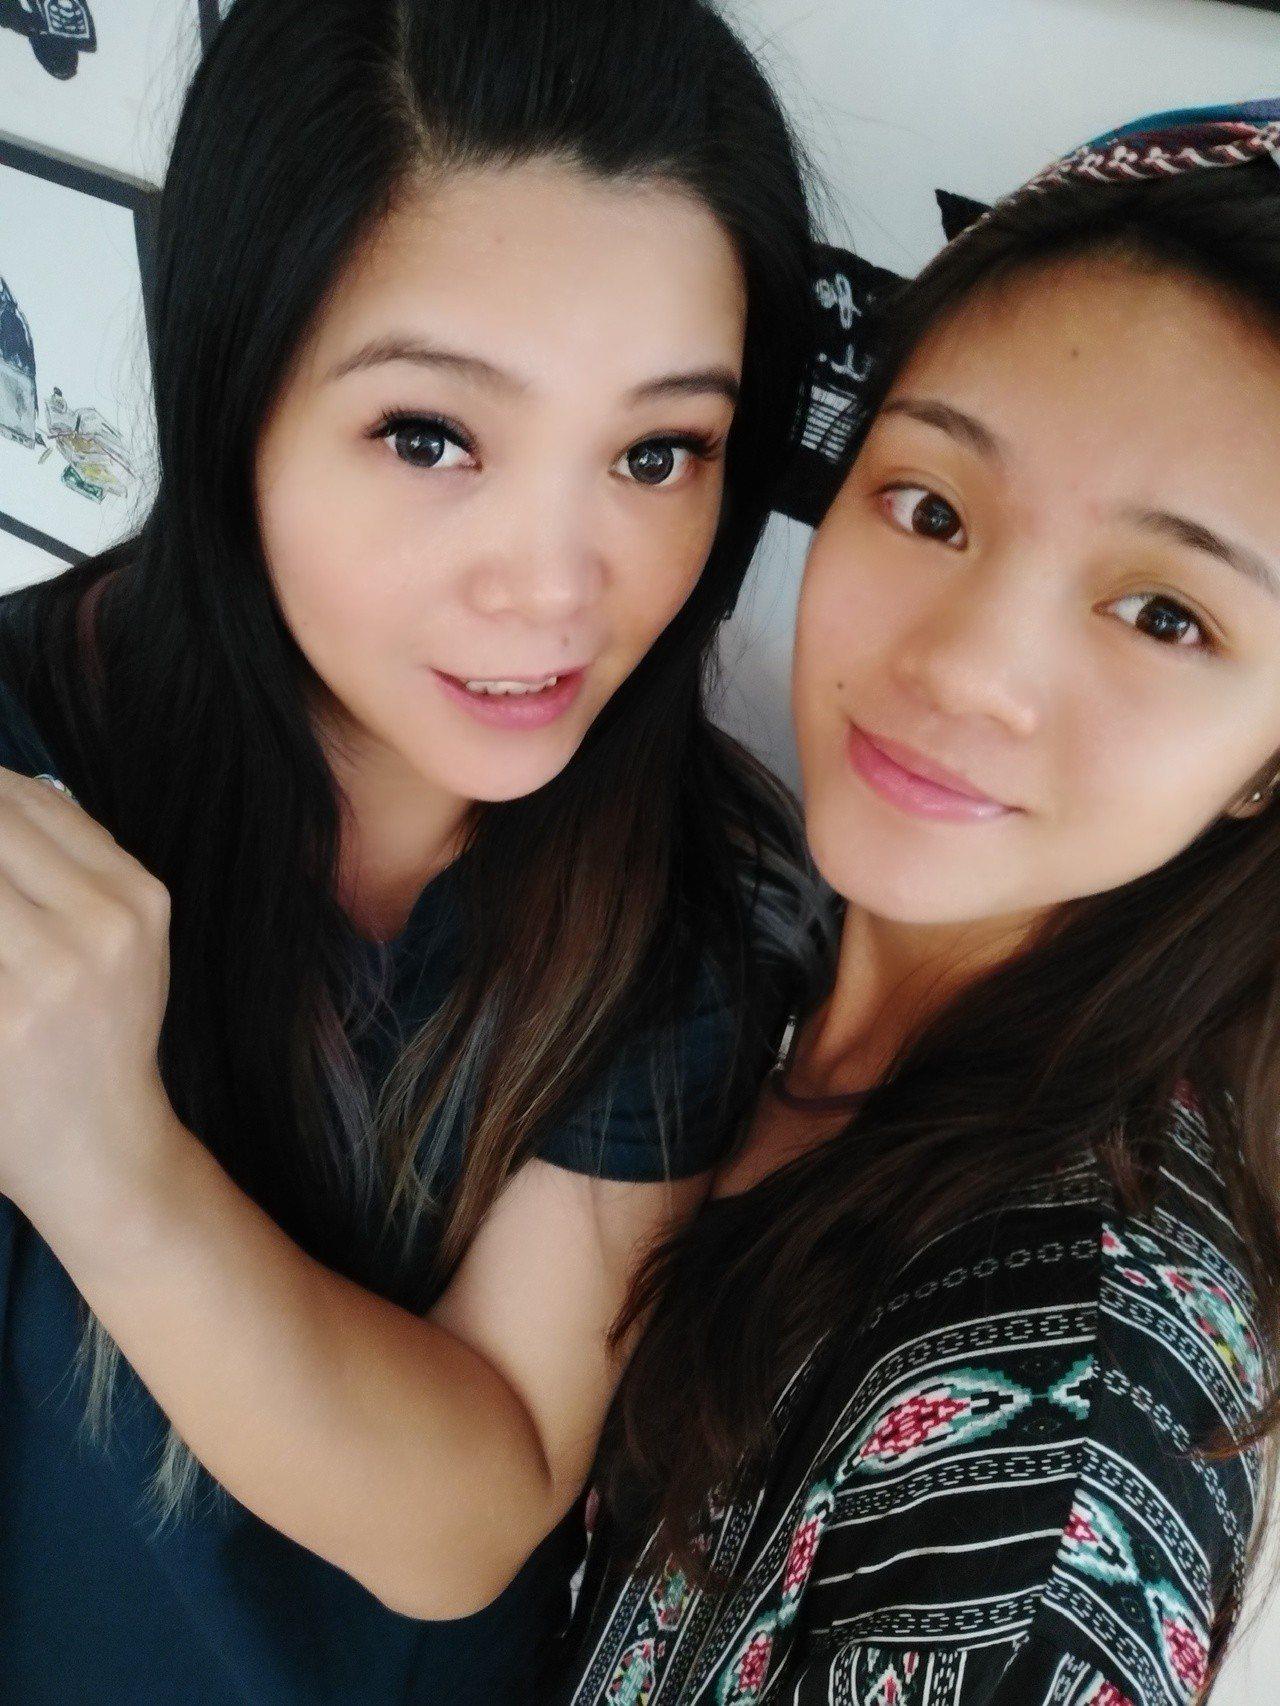 蘇柏亞(右)和母親陳莉莉(左)看起來像姊妹。圖/蘇俊維提供